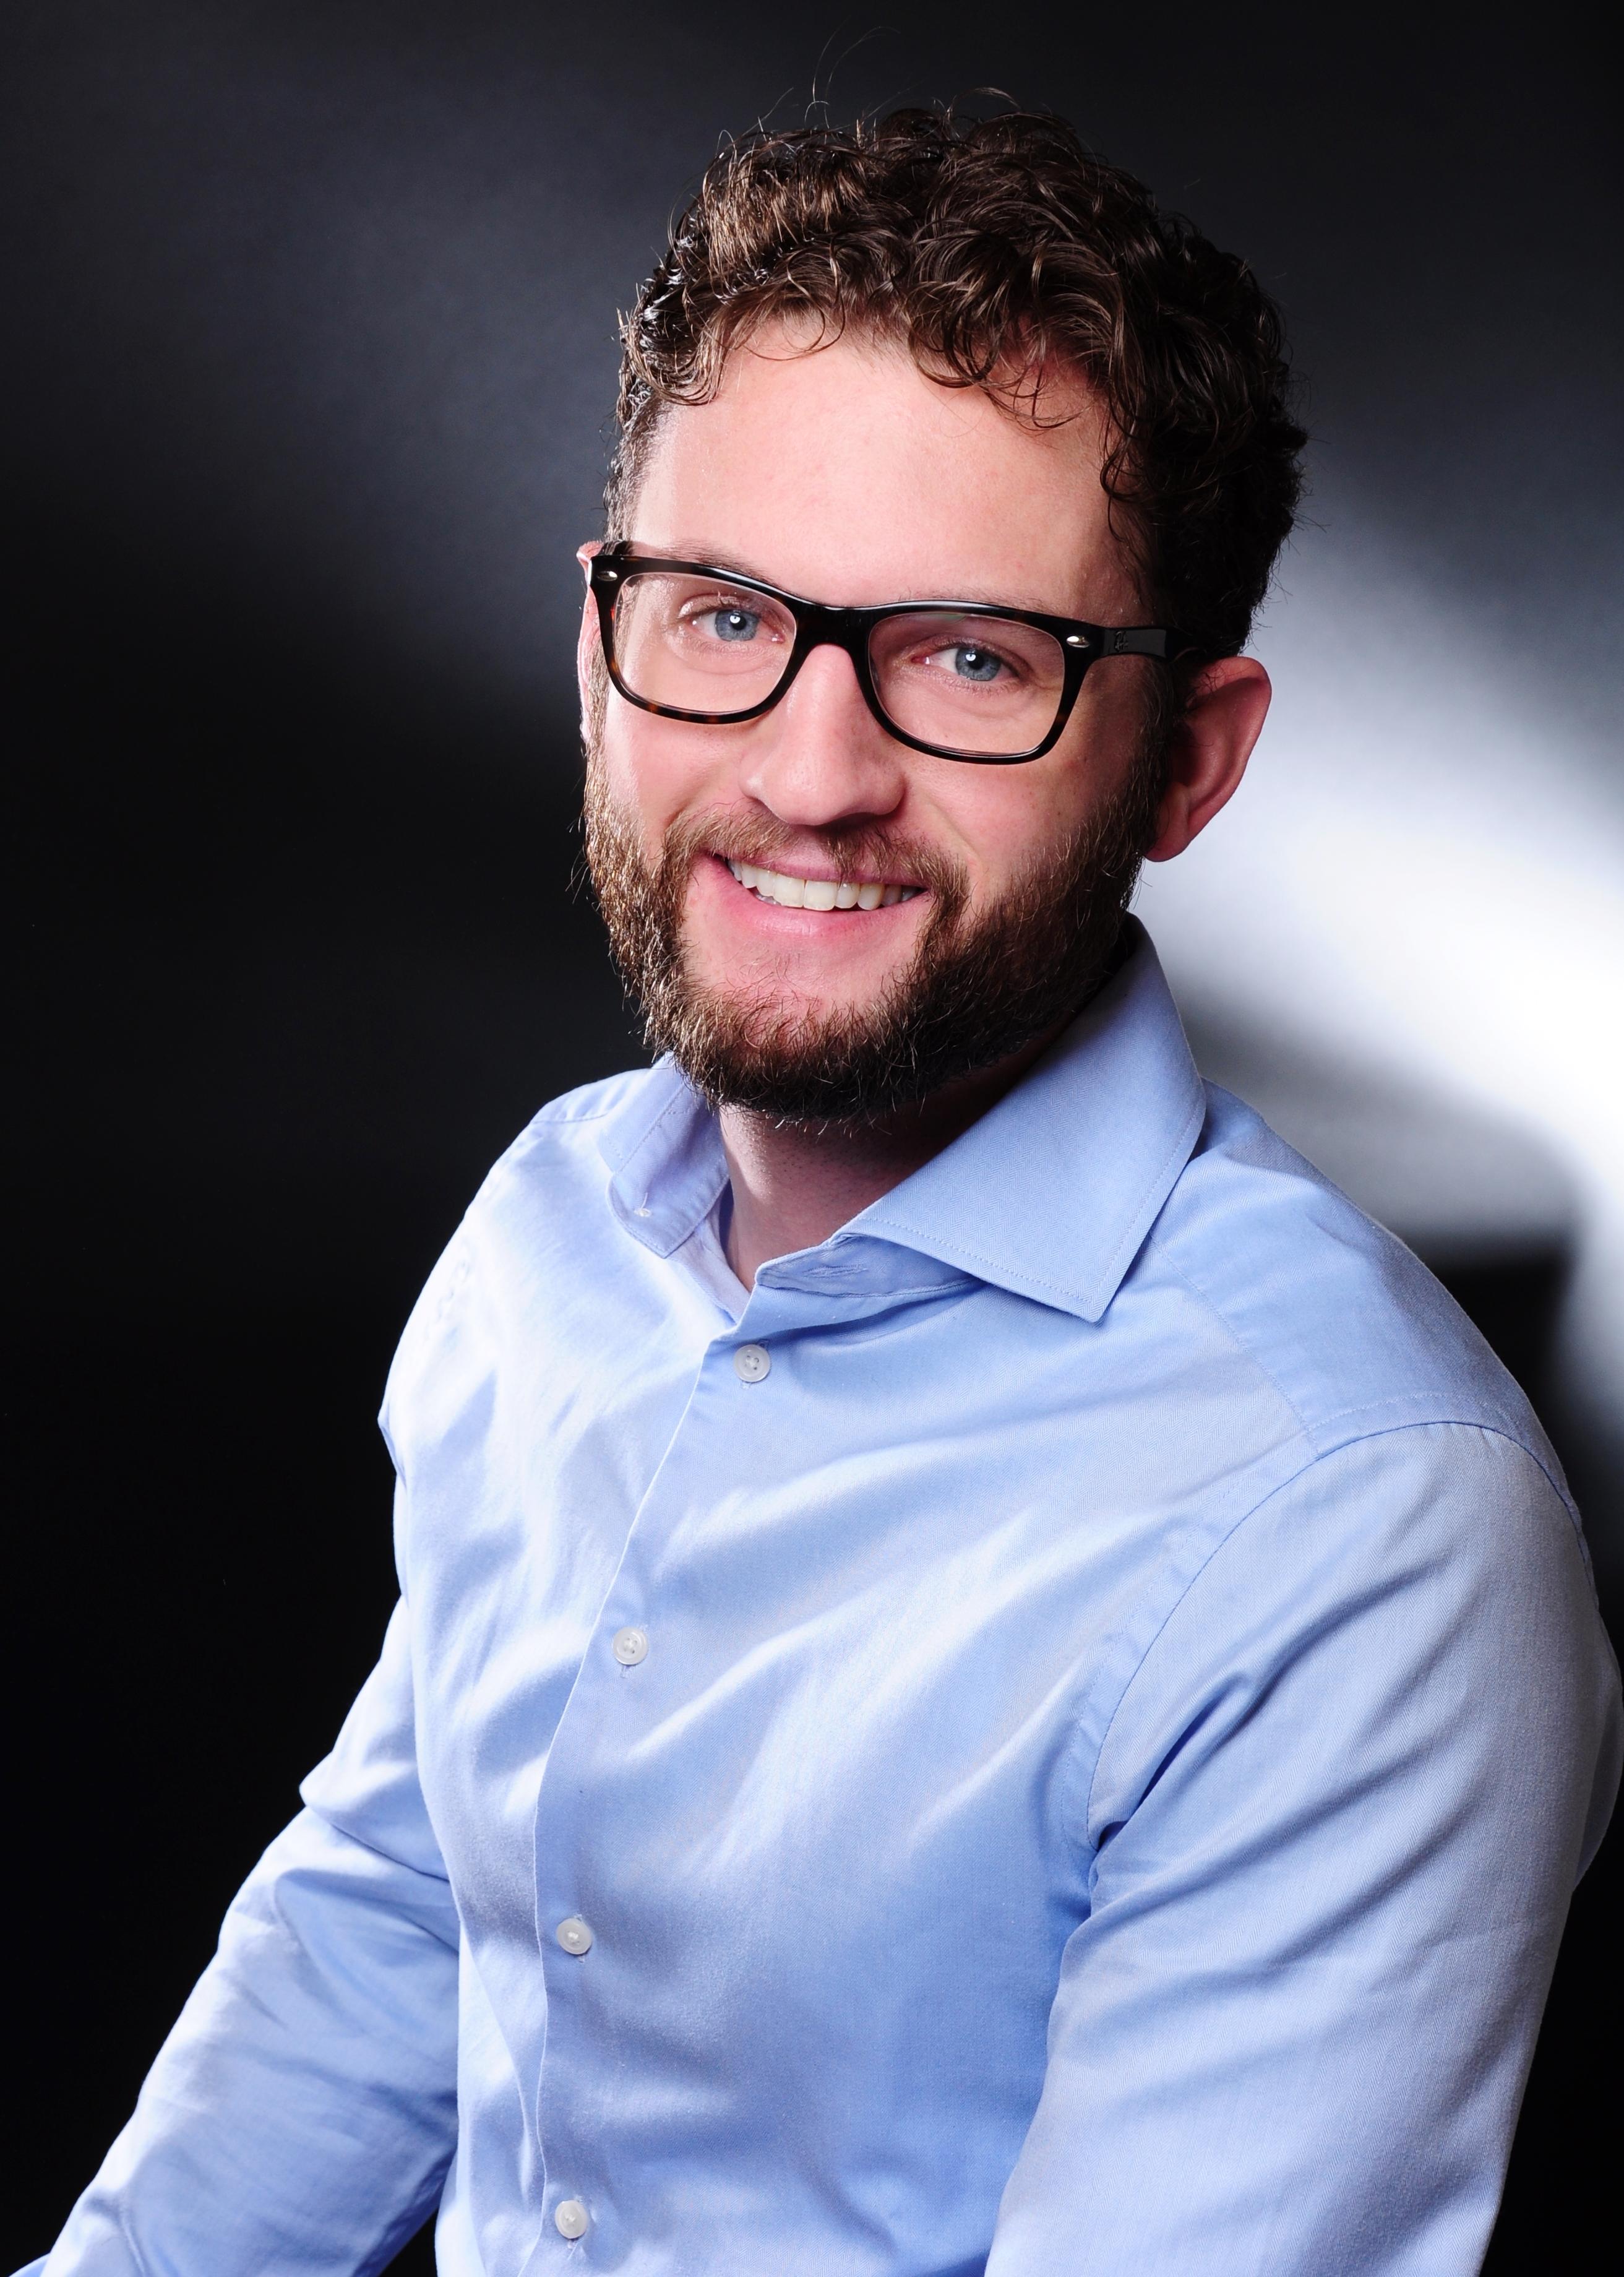 Stefan Bader